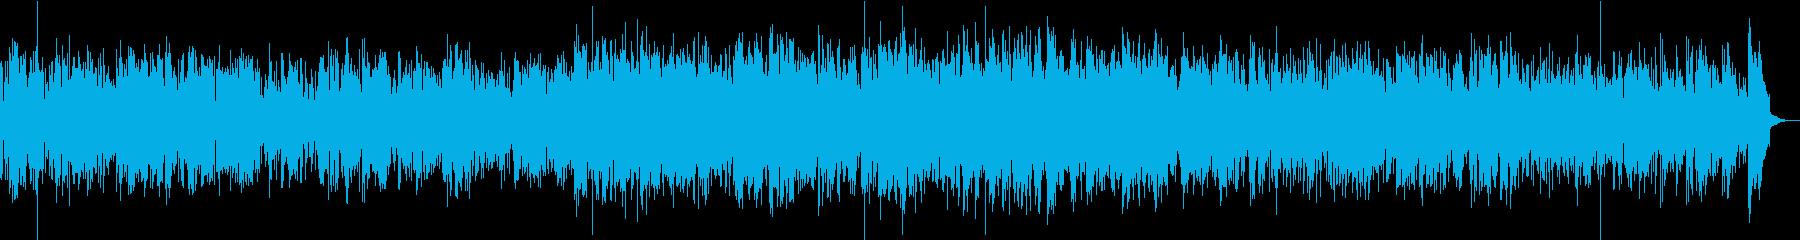 生演奏・ボサノバ・サックス・店舗BGMの再生済みの波形